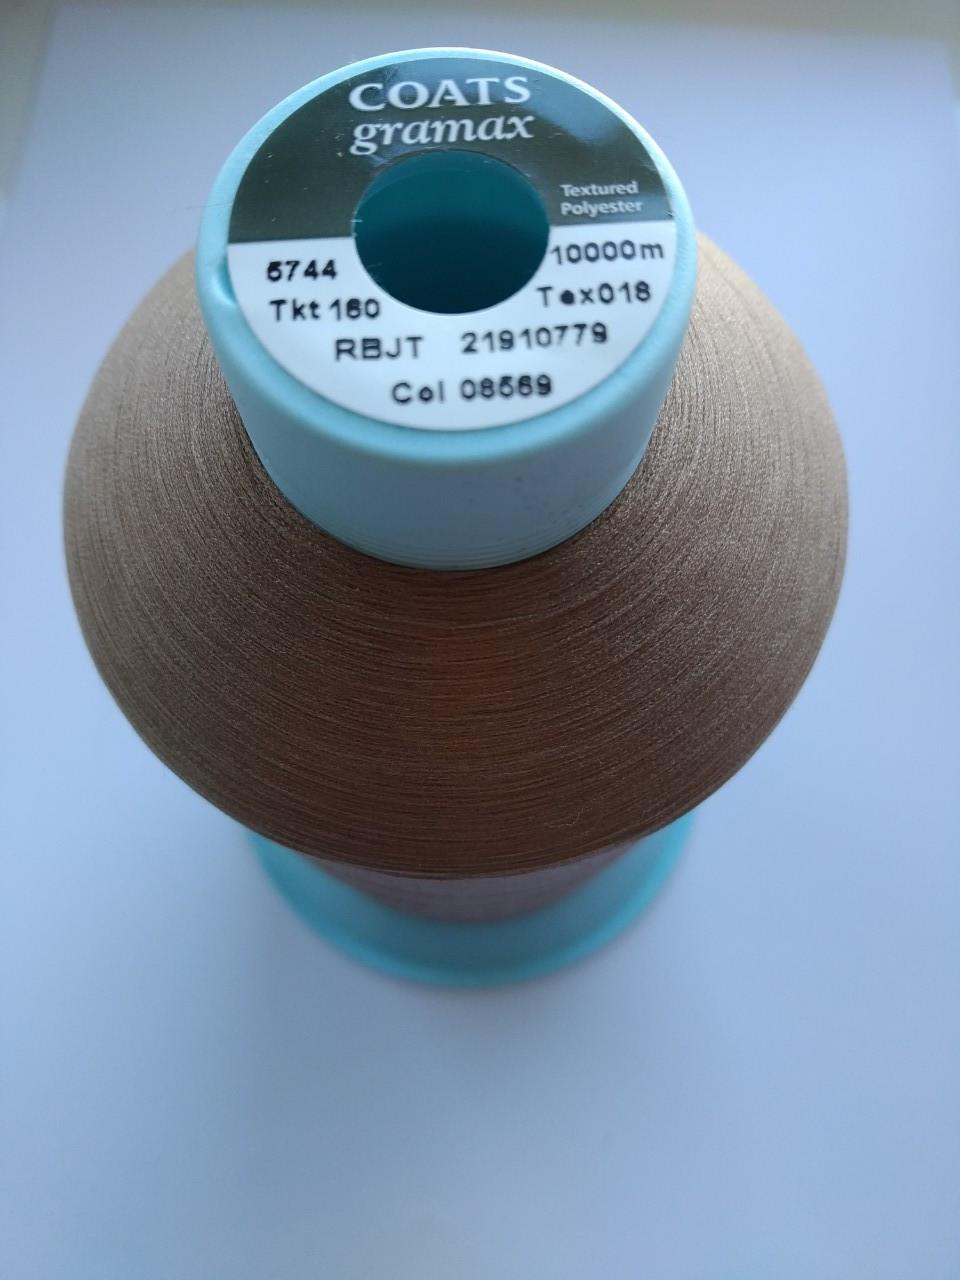 Текстурована нитка Coats gramax 160/ 10000м /08586